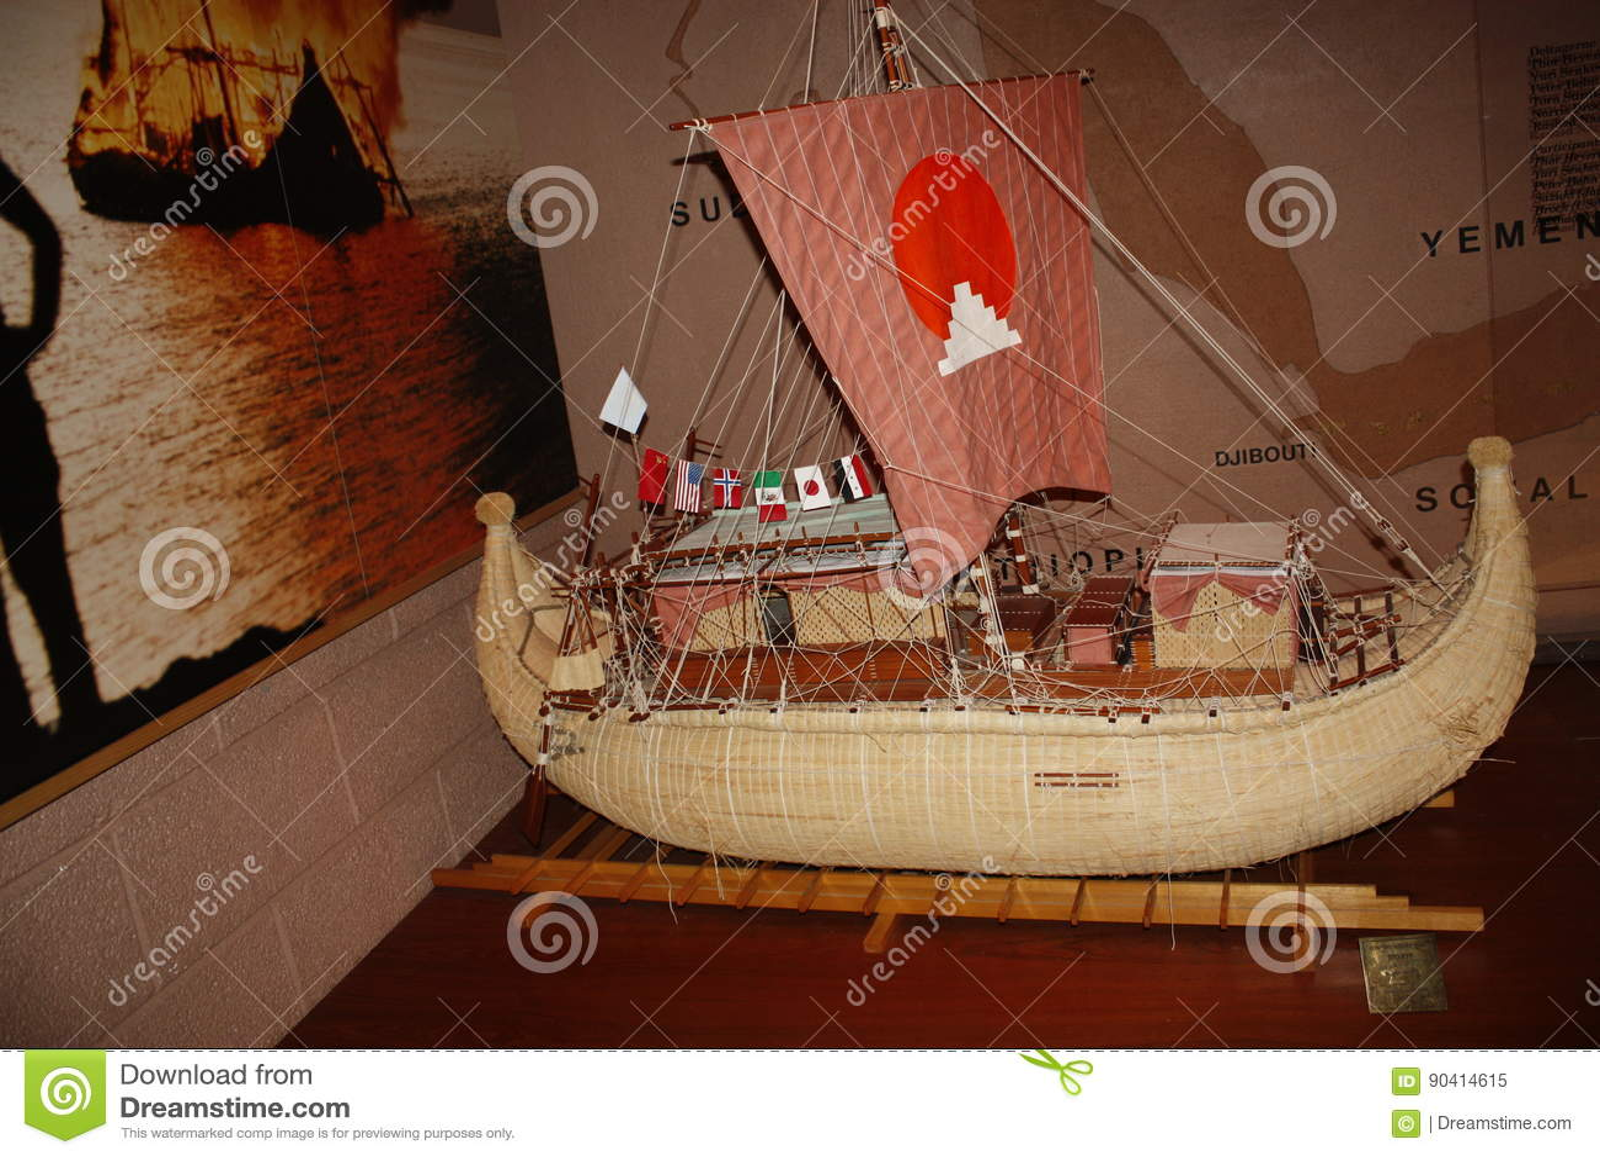 Kon-Tiki expedition museum